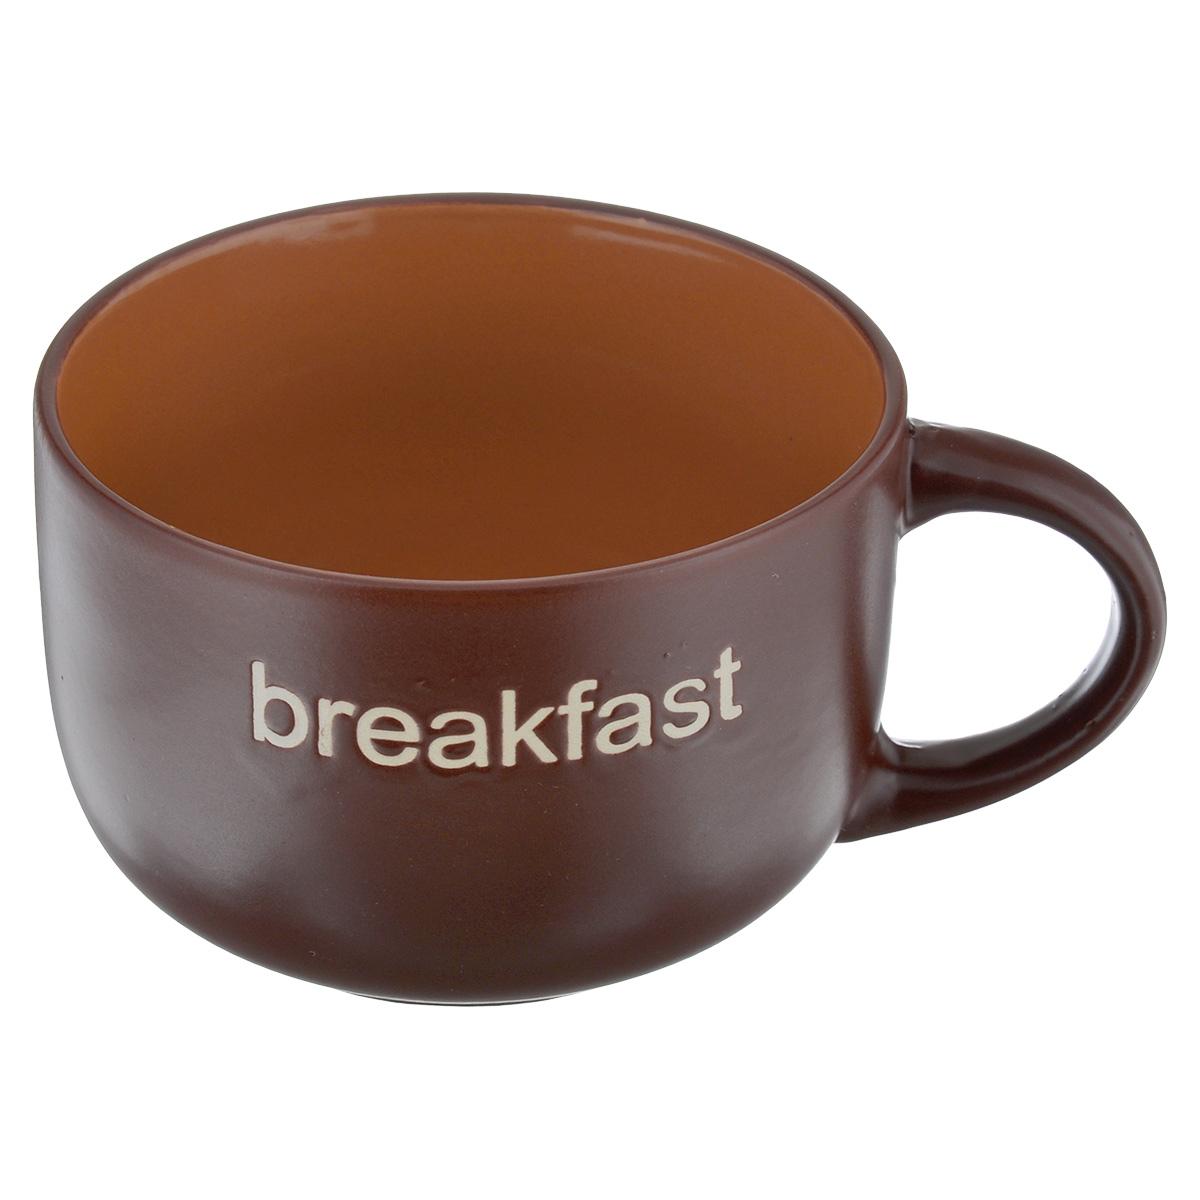 Чашка Wing Star Завтрак, цвет: темно-коричневый, 460 млLJ8882-MA9Чашка Wing Star Завтрак изготовлена из керамики и украшена иностранным словом Breakfast. Wing Star - качественная керамическая посуда из обожженной, глазурованной снаружи и изнутри глины с оригинальными рисунками. При изготовлении данной посуды широко используется рельефный способ нанесения декора, когда рельефная поверхность подготавливается в процессе формовки и изделие обрабатывается с уже готовым декором. Благодаря этому достигается эффект неровного на ощупь рисунка, как бы утопленного внутрь глазури и являющегося его естественным элементом. Чашку можно использовать в СВЧ и мыть в посудомоечной машине. Внутренний диаметр: 10,5 см. Высота стенки: 7,5 см. Объем чашки: 460 мл.